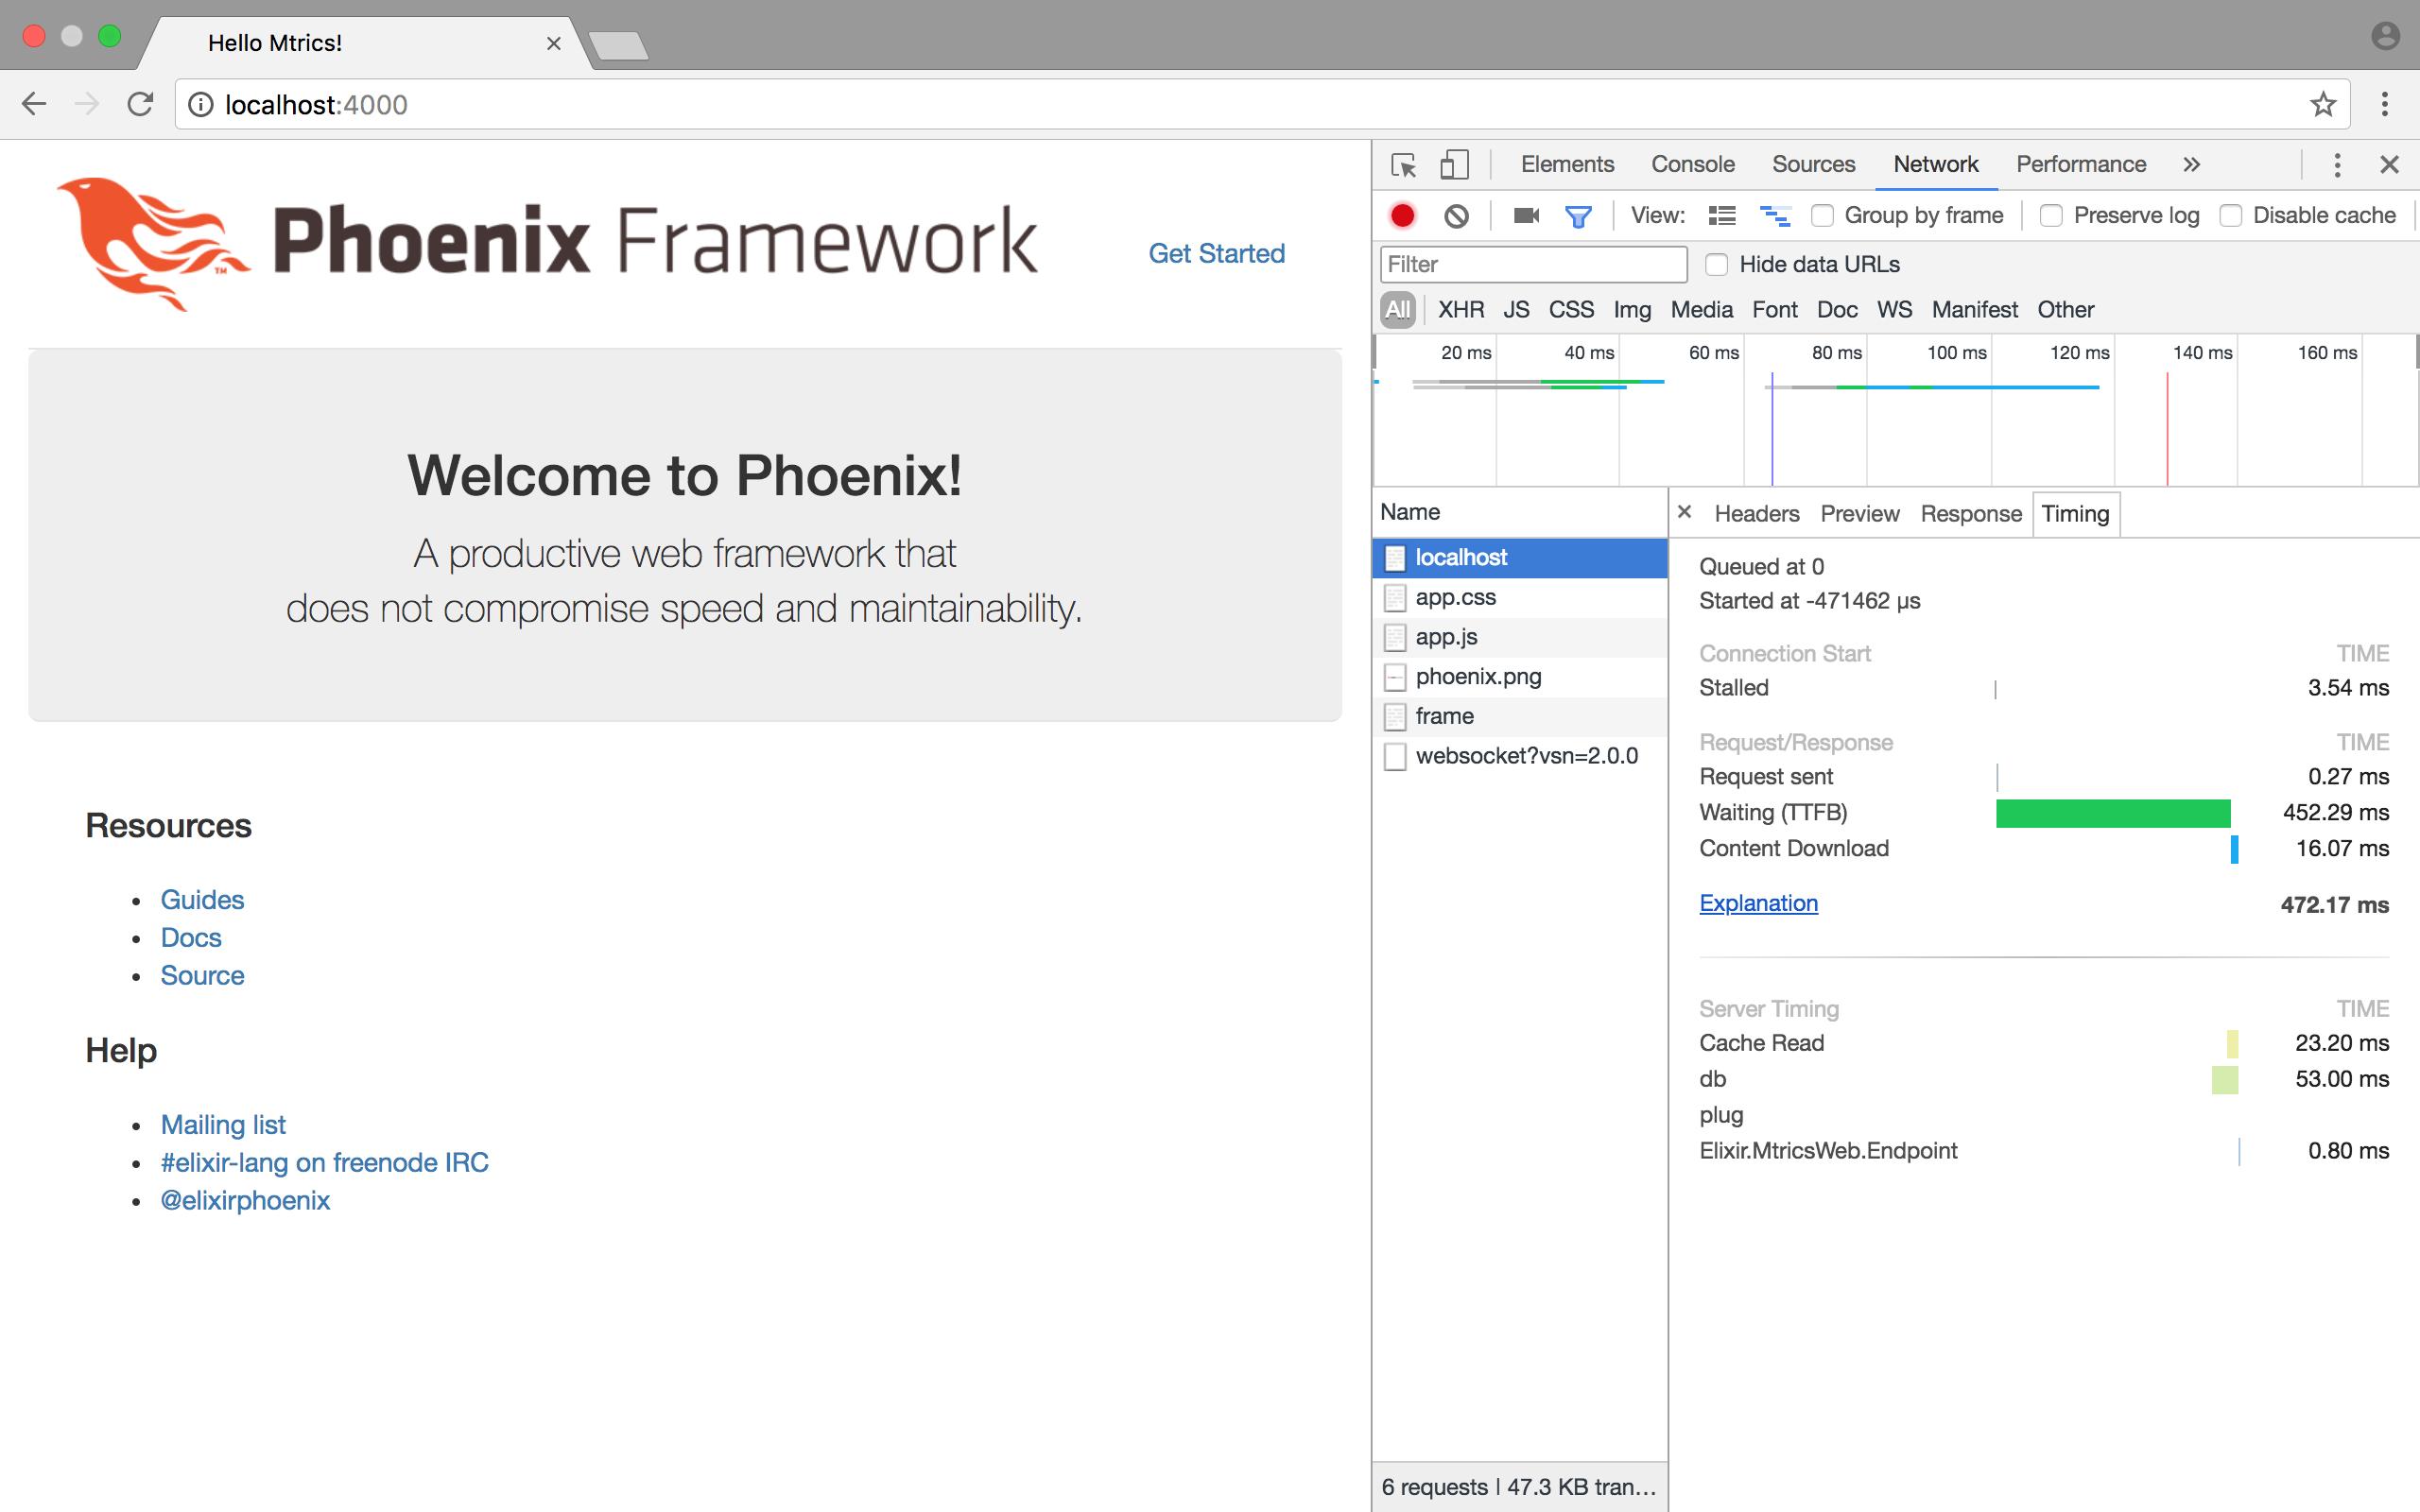 Example measure of the phoenix app described